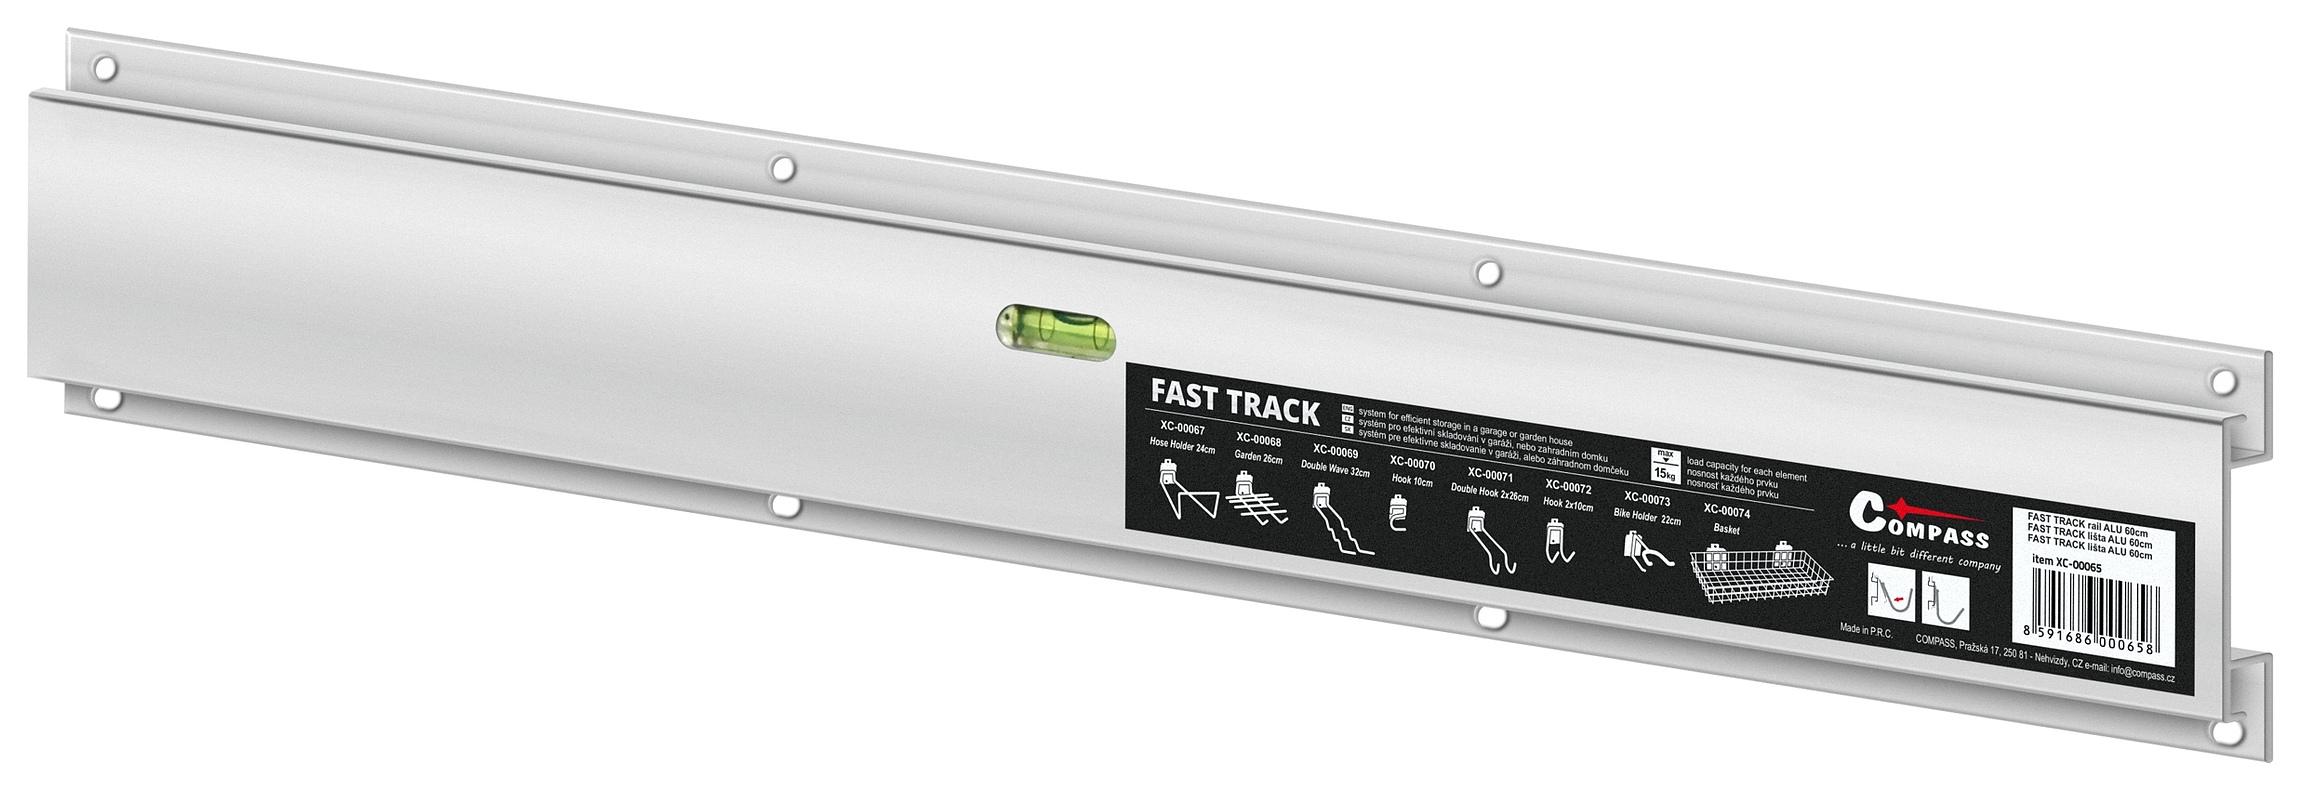 Závěsný systém FAST TRACK lišta ALU 60cm s vodováhou